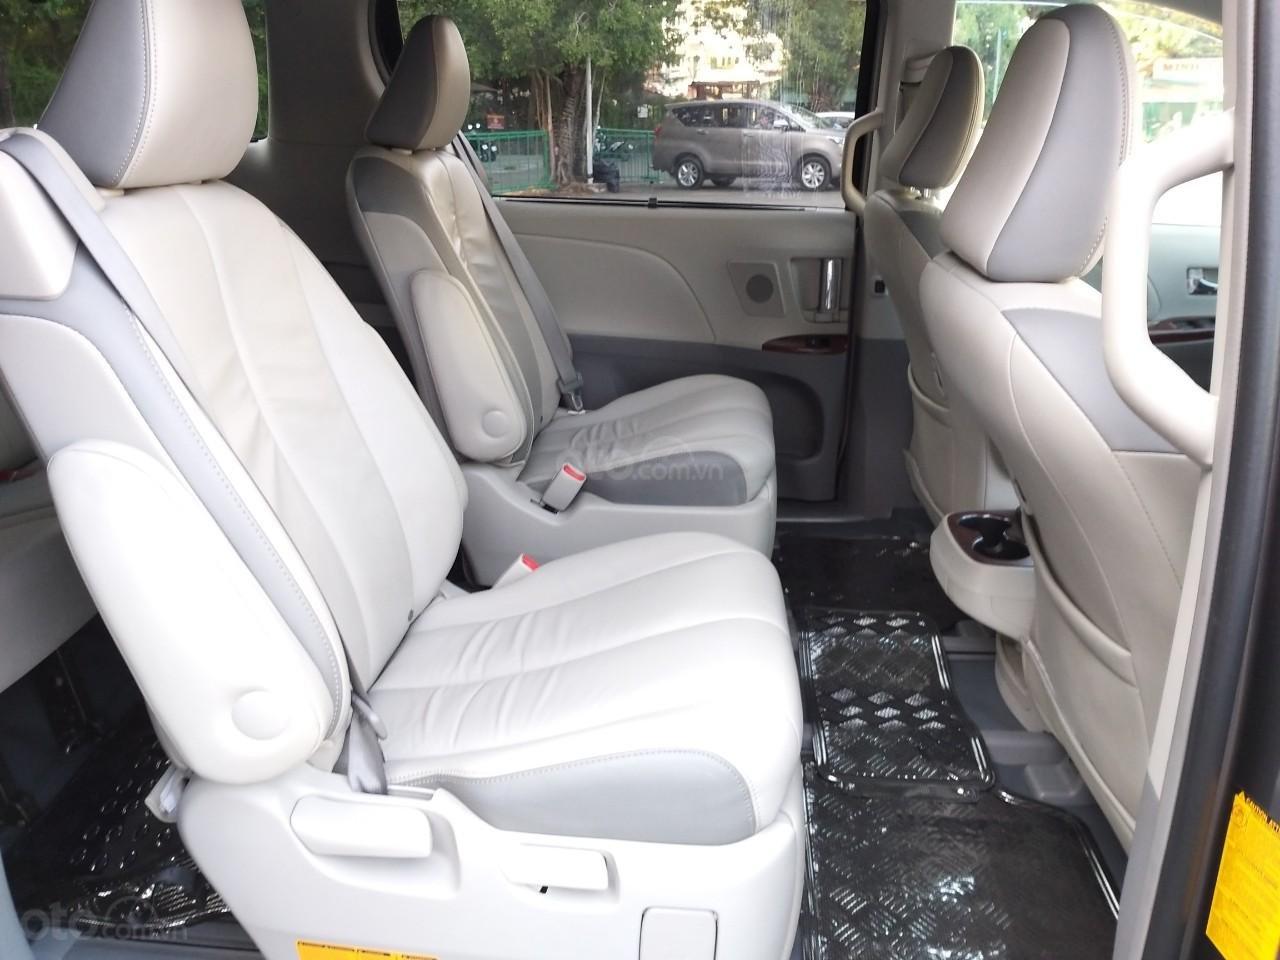 Toyota Sienna hàng Limited model 2014, màu xám, nhập khẩu, cực mới, 2tỷ 490tr-5